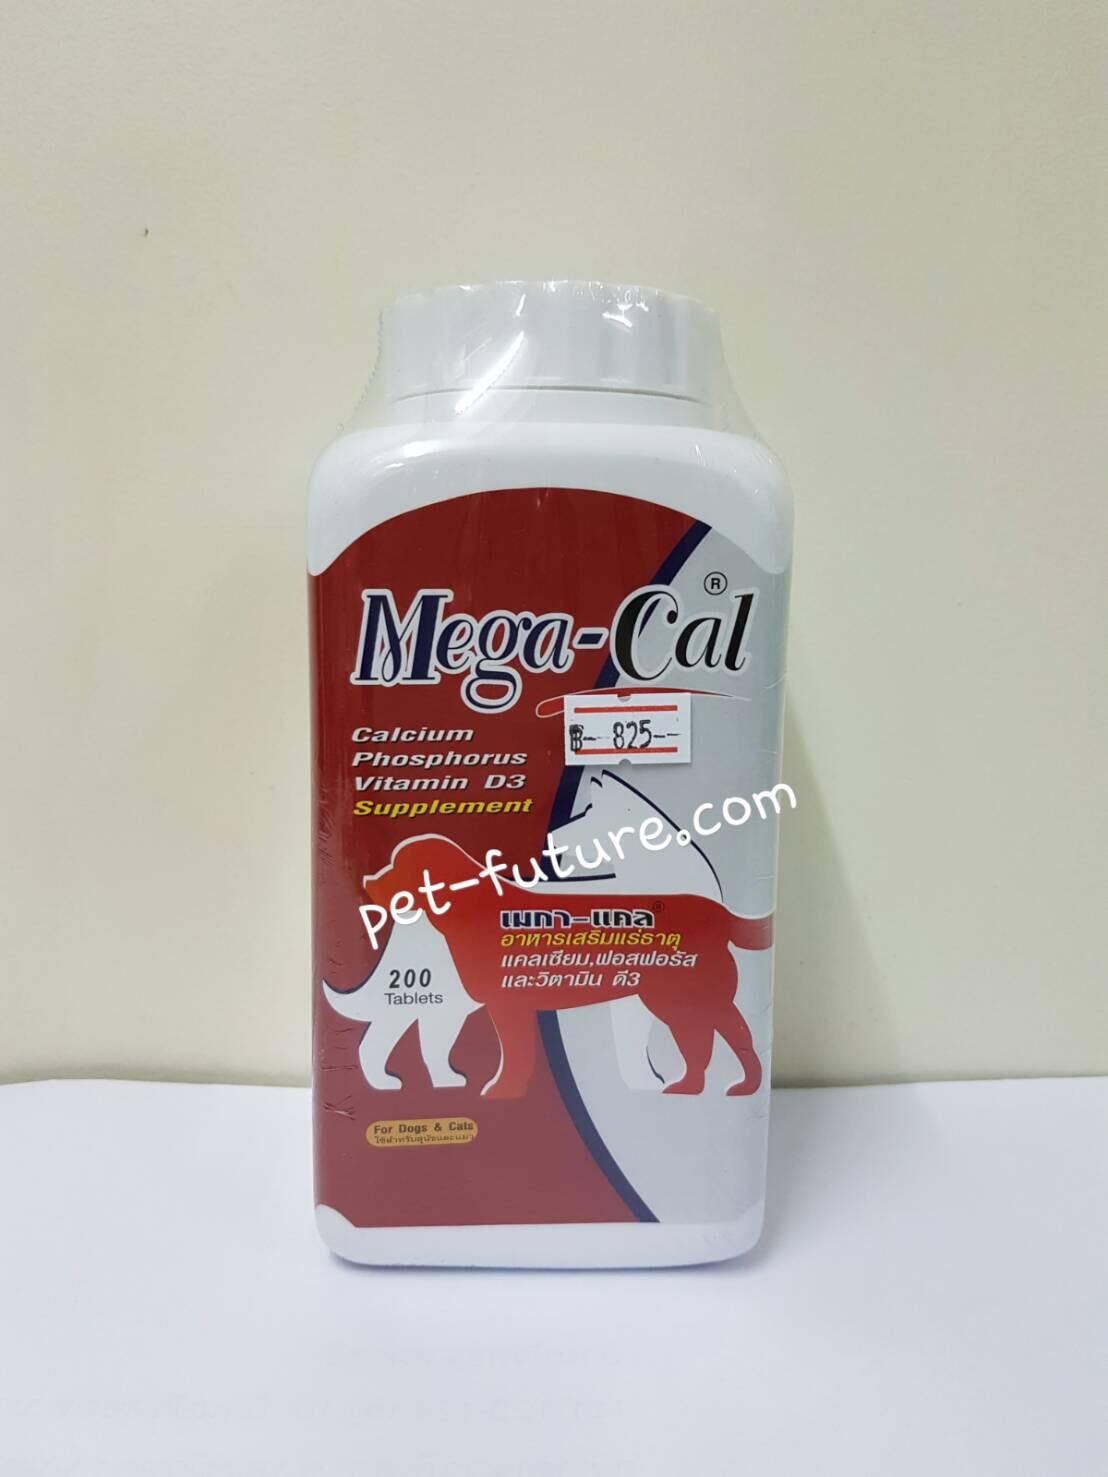 Mega-Cal เมกา-แคล 200 เม็ด สำหรับสุนัขและแมว อาหารเสริมแร่ธาตุสำหรับสุนัขและแมว Exp.03/18